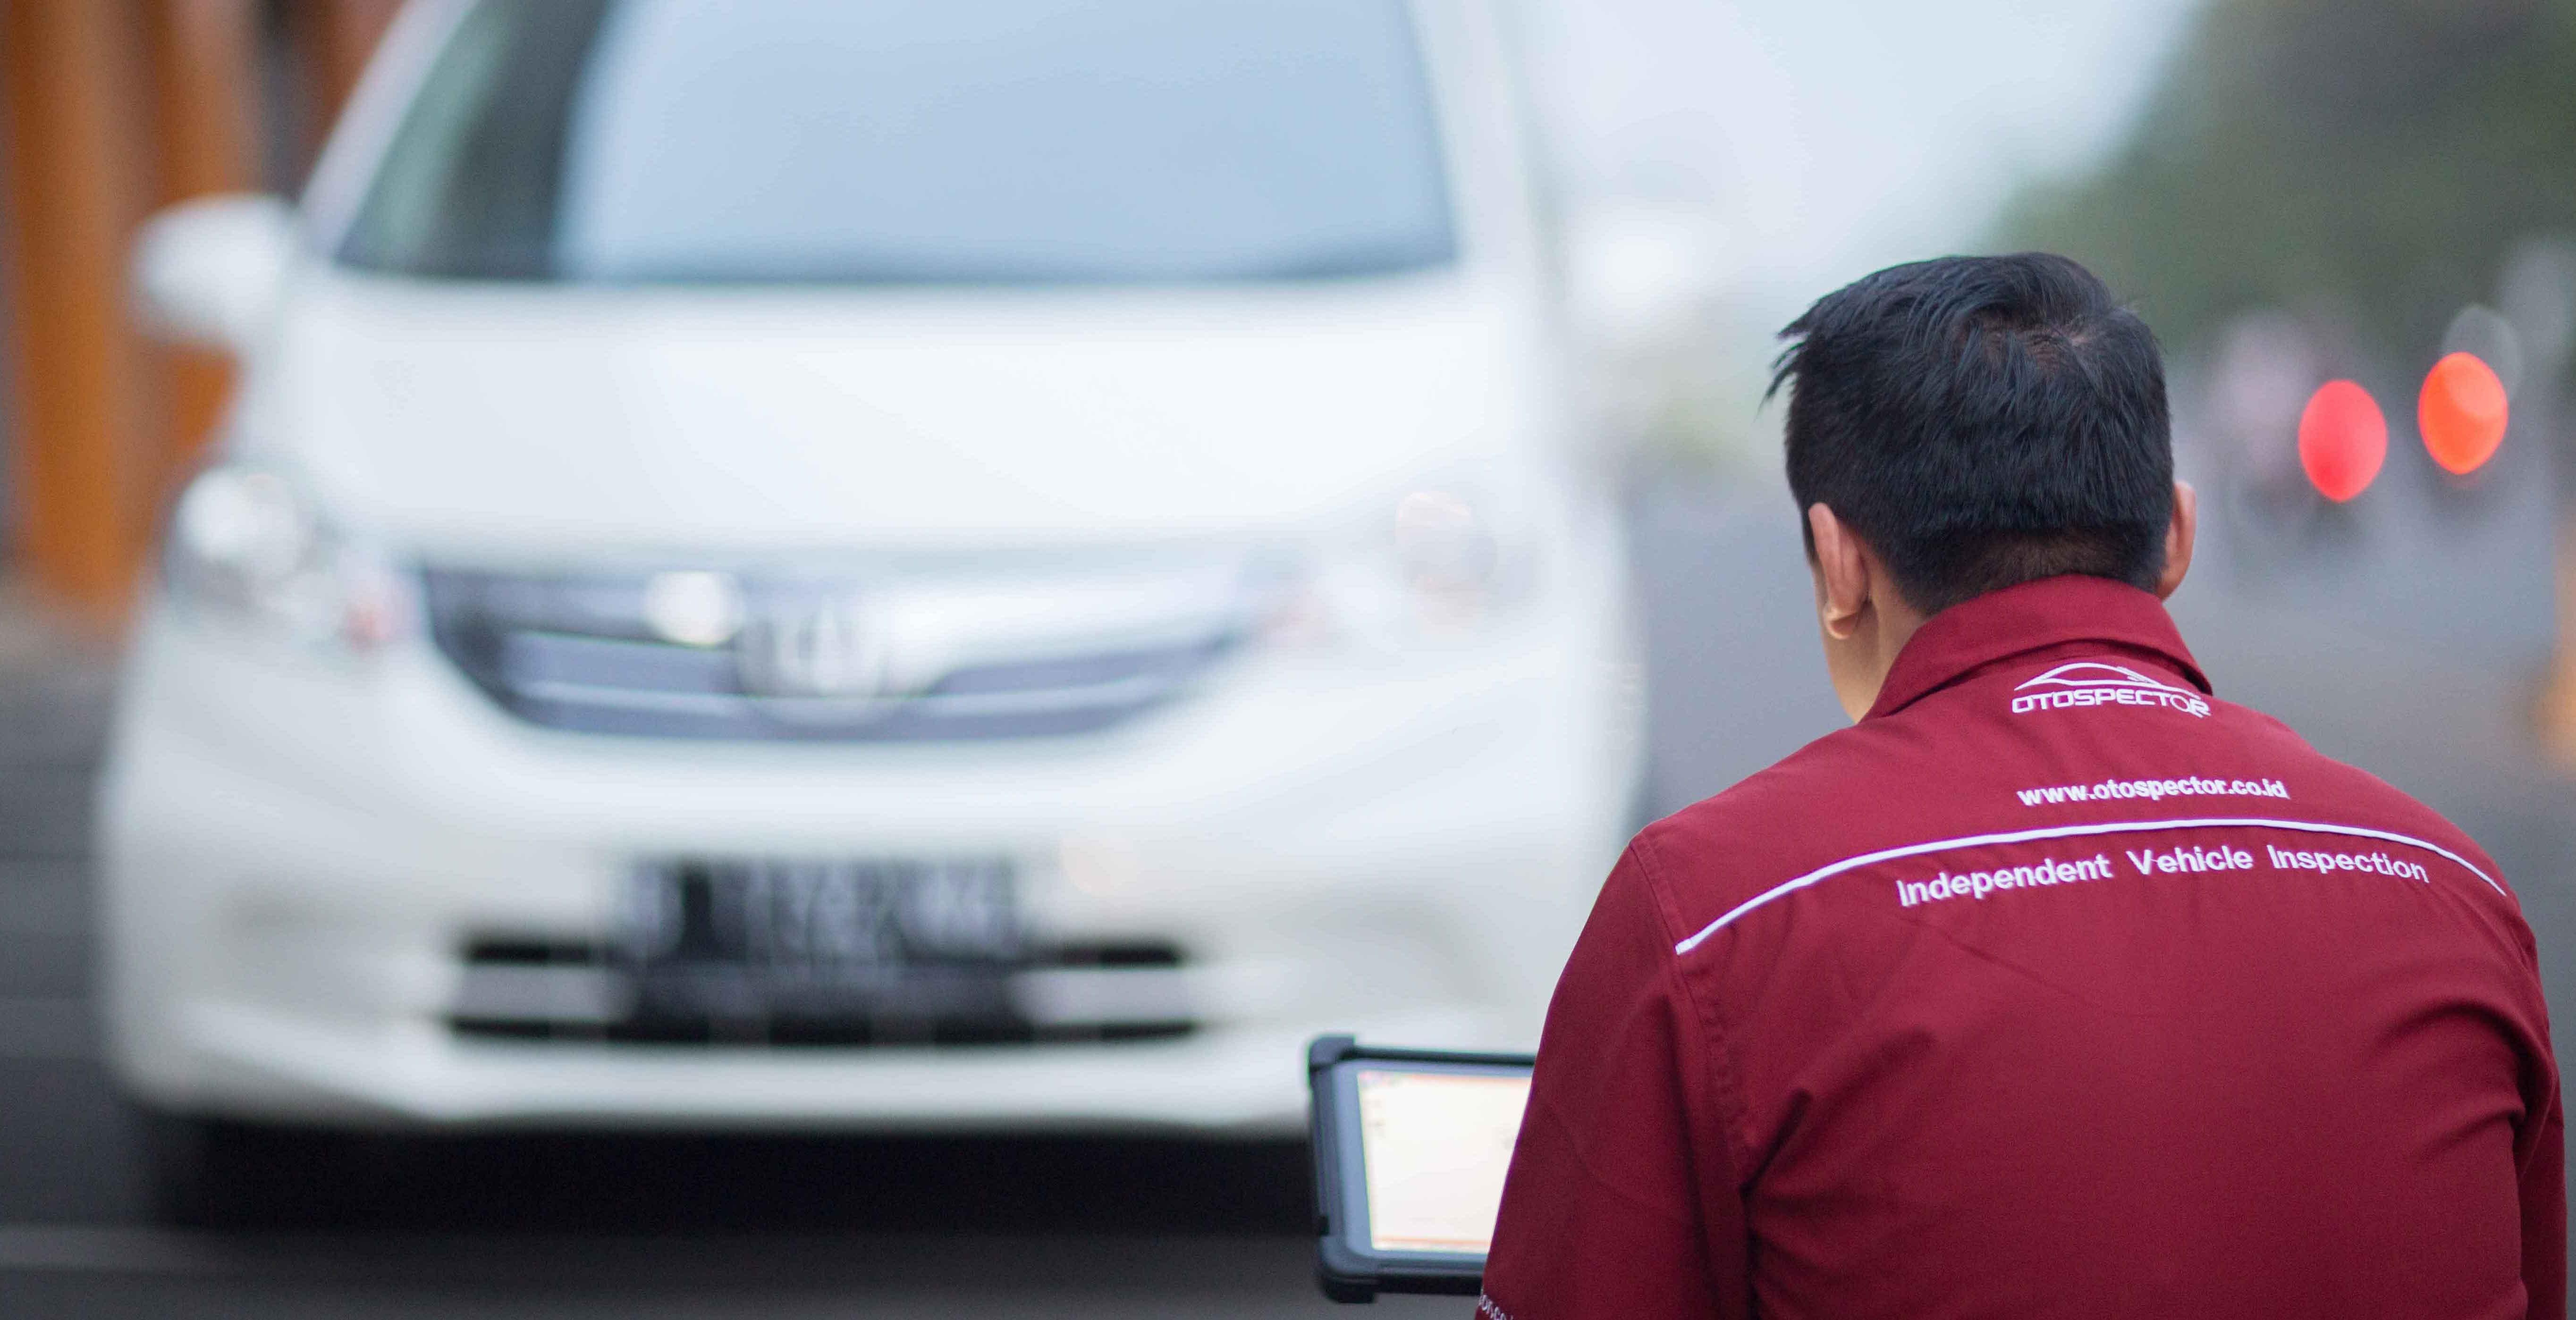 Otospector, Cara Mudah Cari Mobil Bekas Berkualitas, Ulasan dari Viva.co.id-otospector